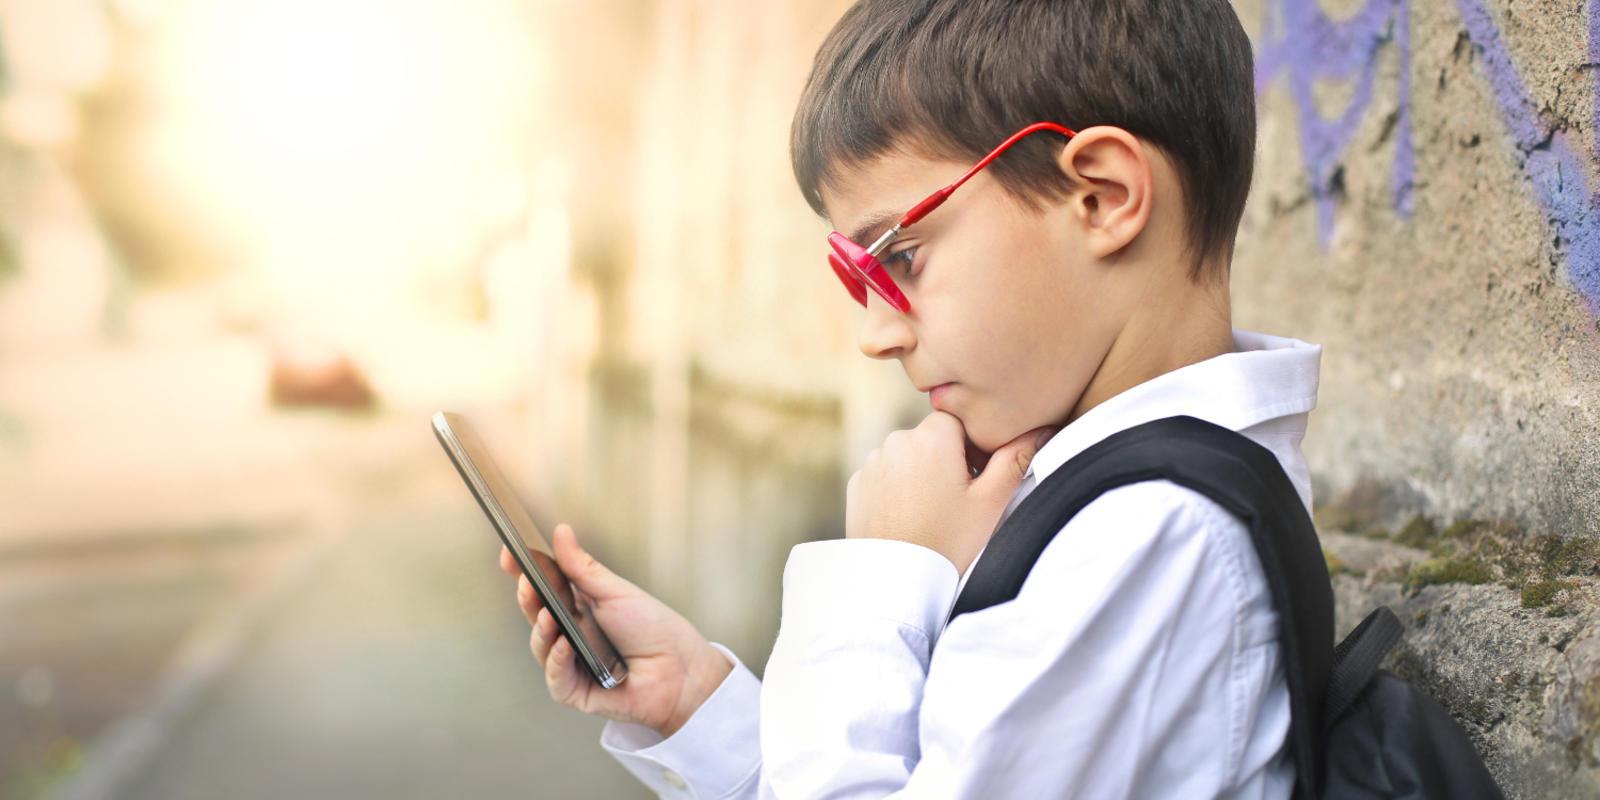 beste telefoon voor kinderen